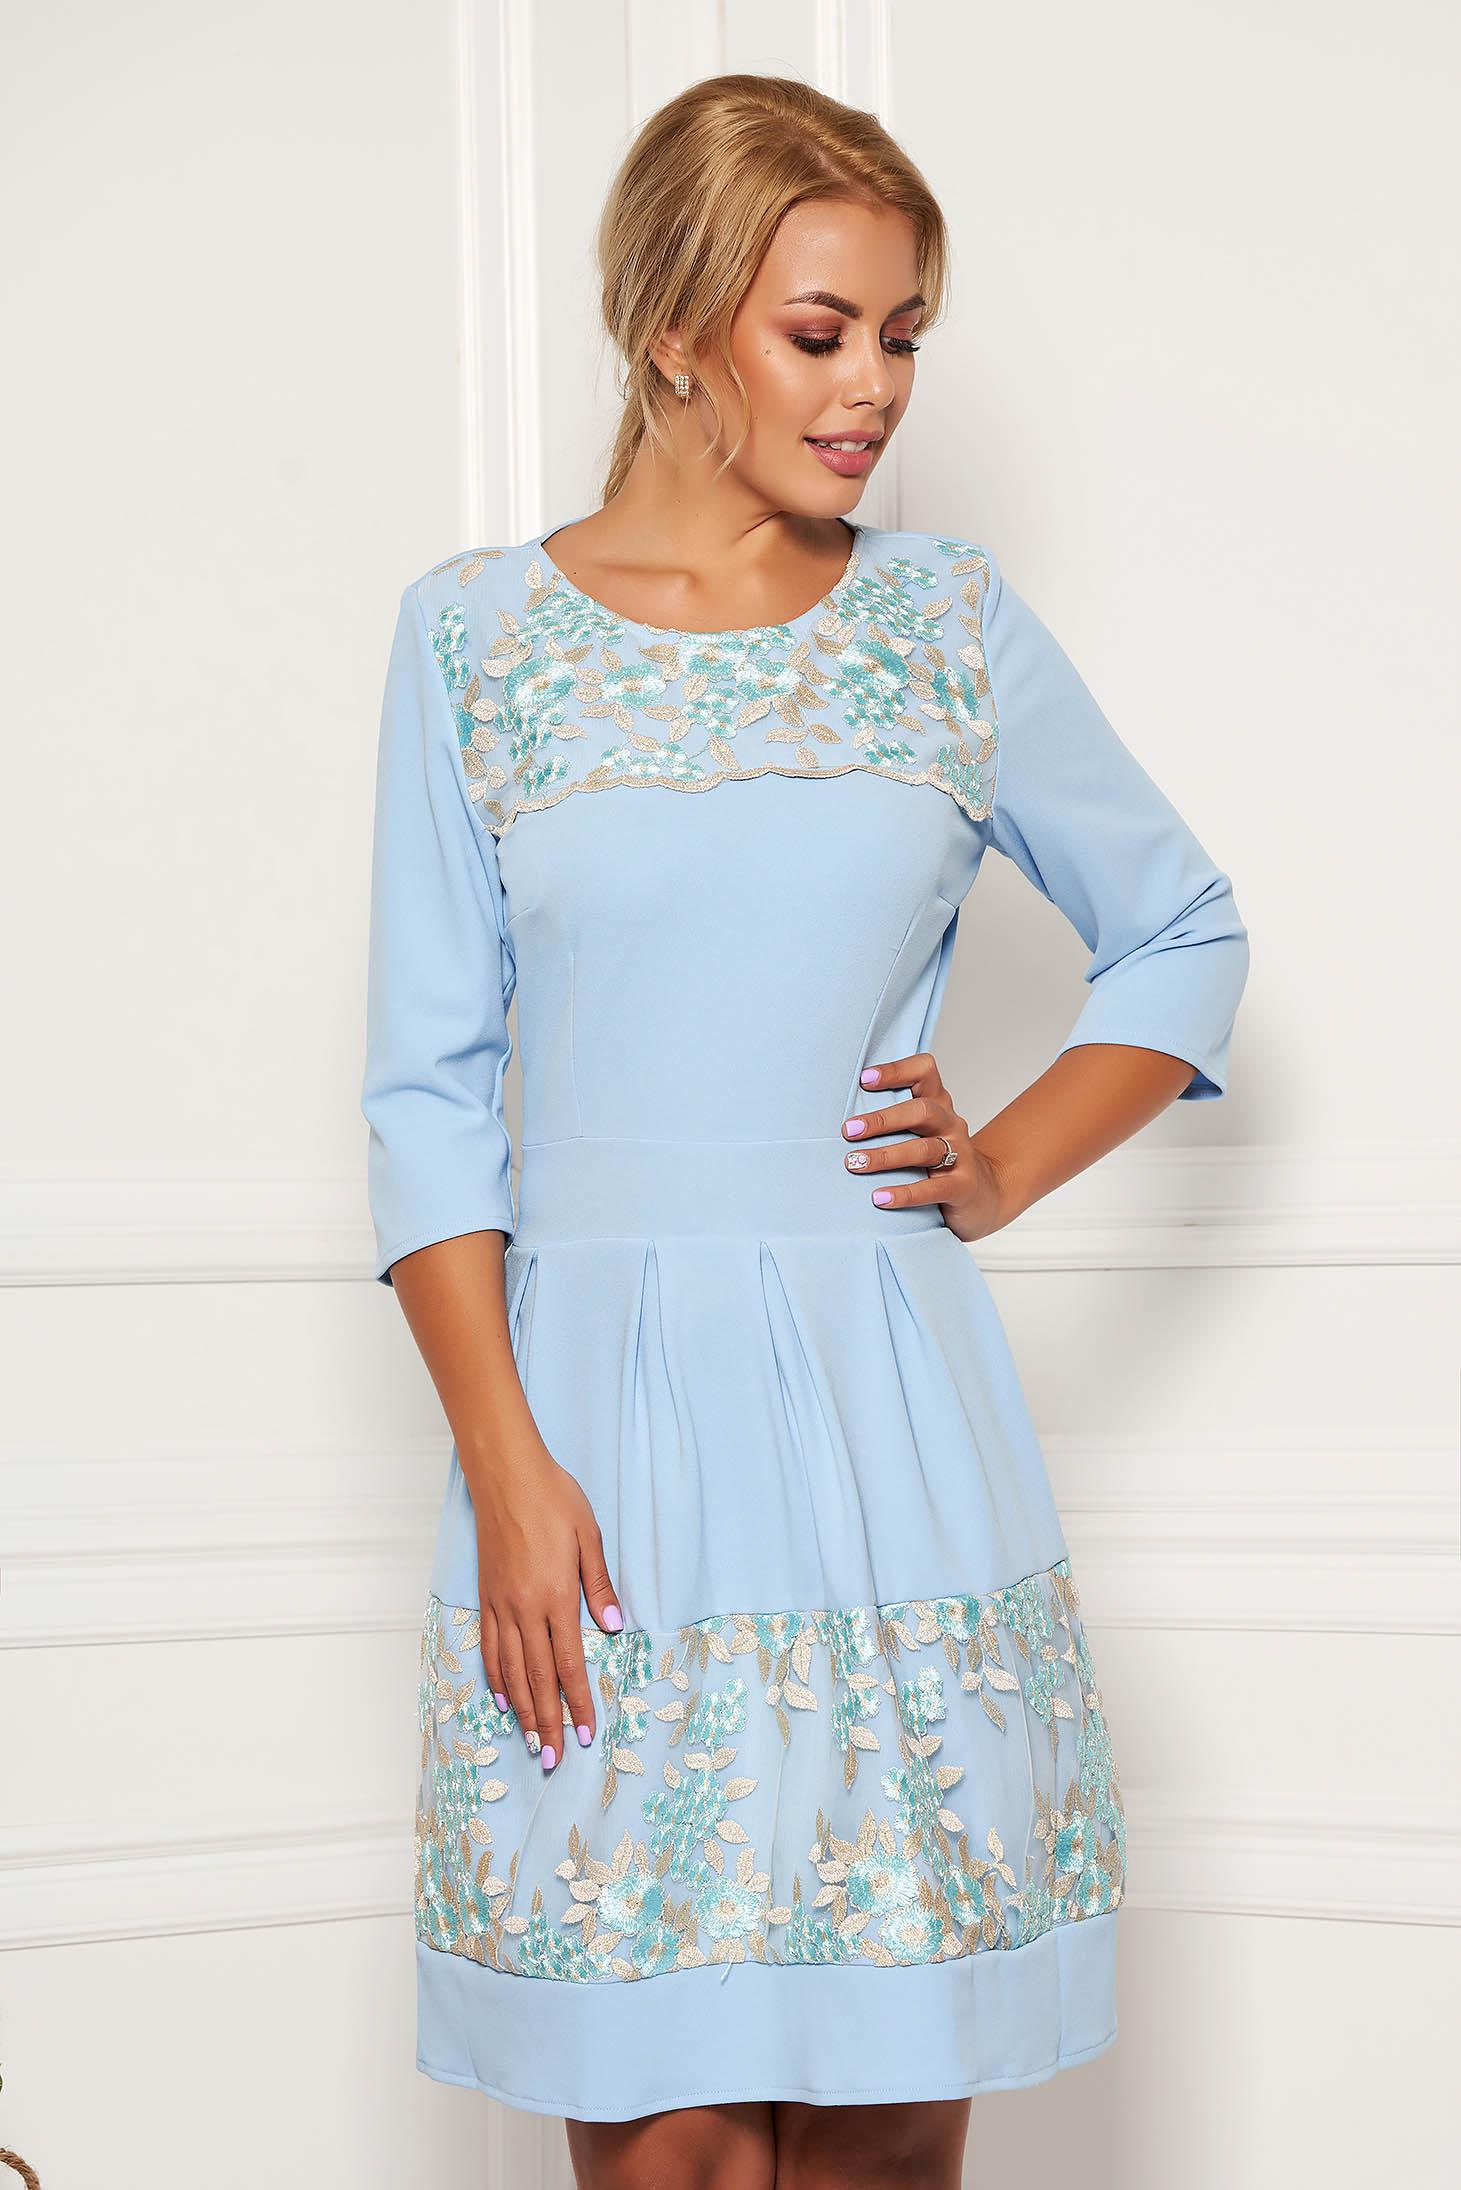 Rochie albastru-deschis eleganta in clos din scuba cu maneci trei-sferturi si decolteu la baza gatului